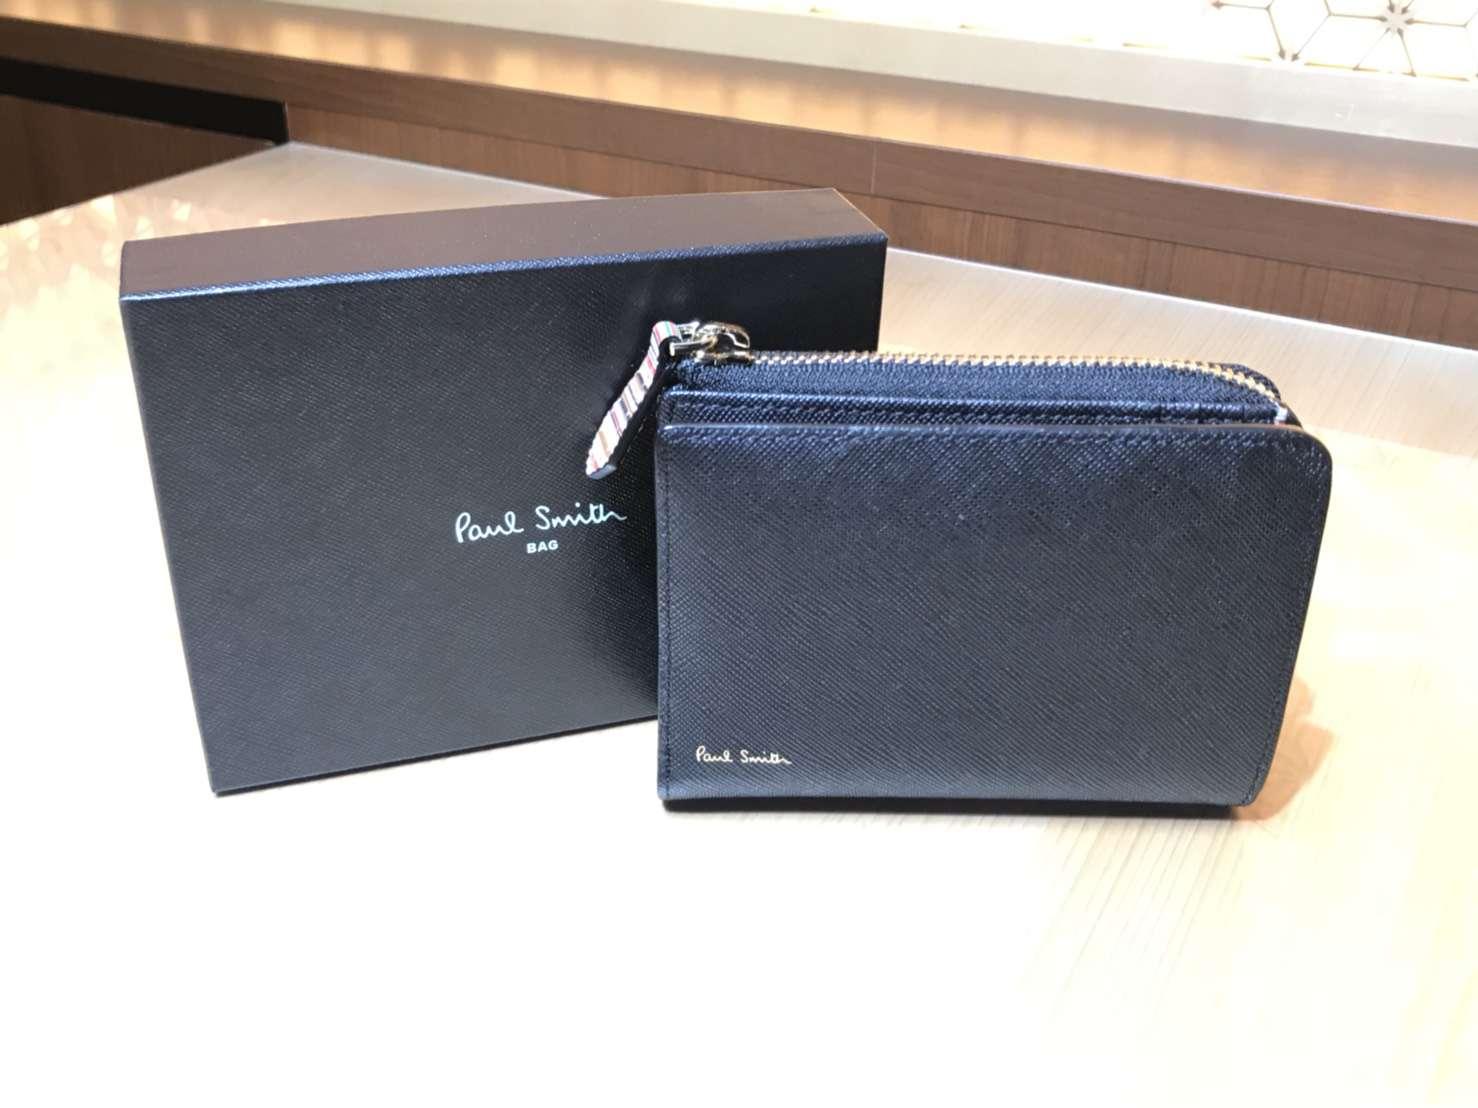 ポールスミス ジップストローグレイン 2つ折り財布 ブラック